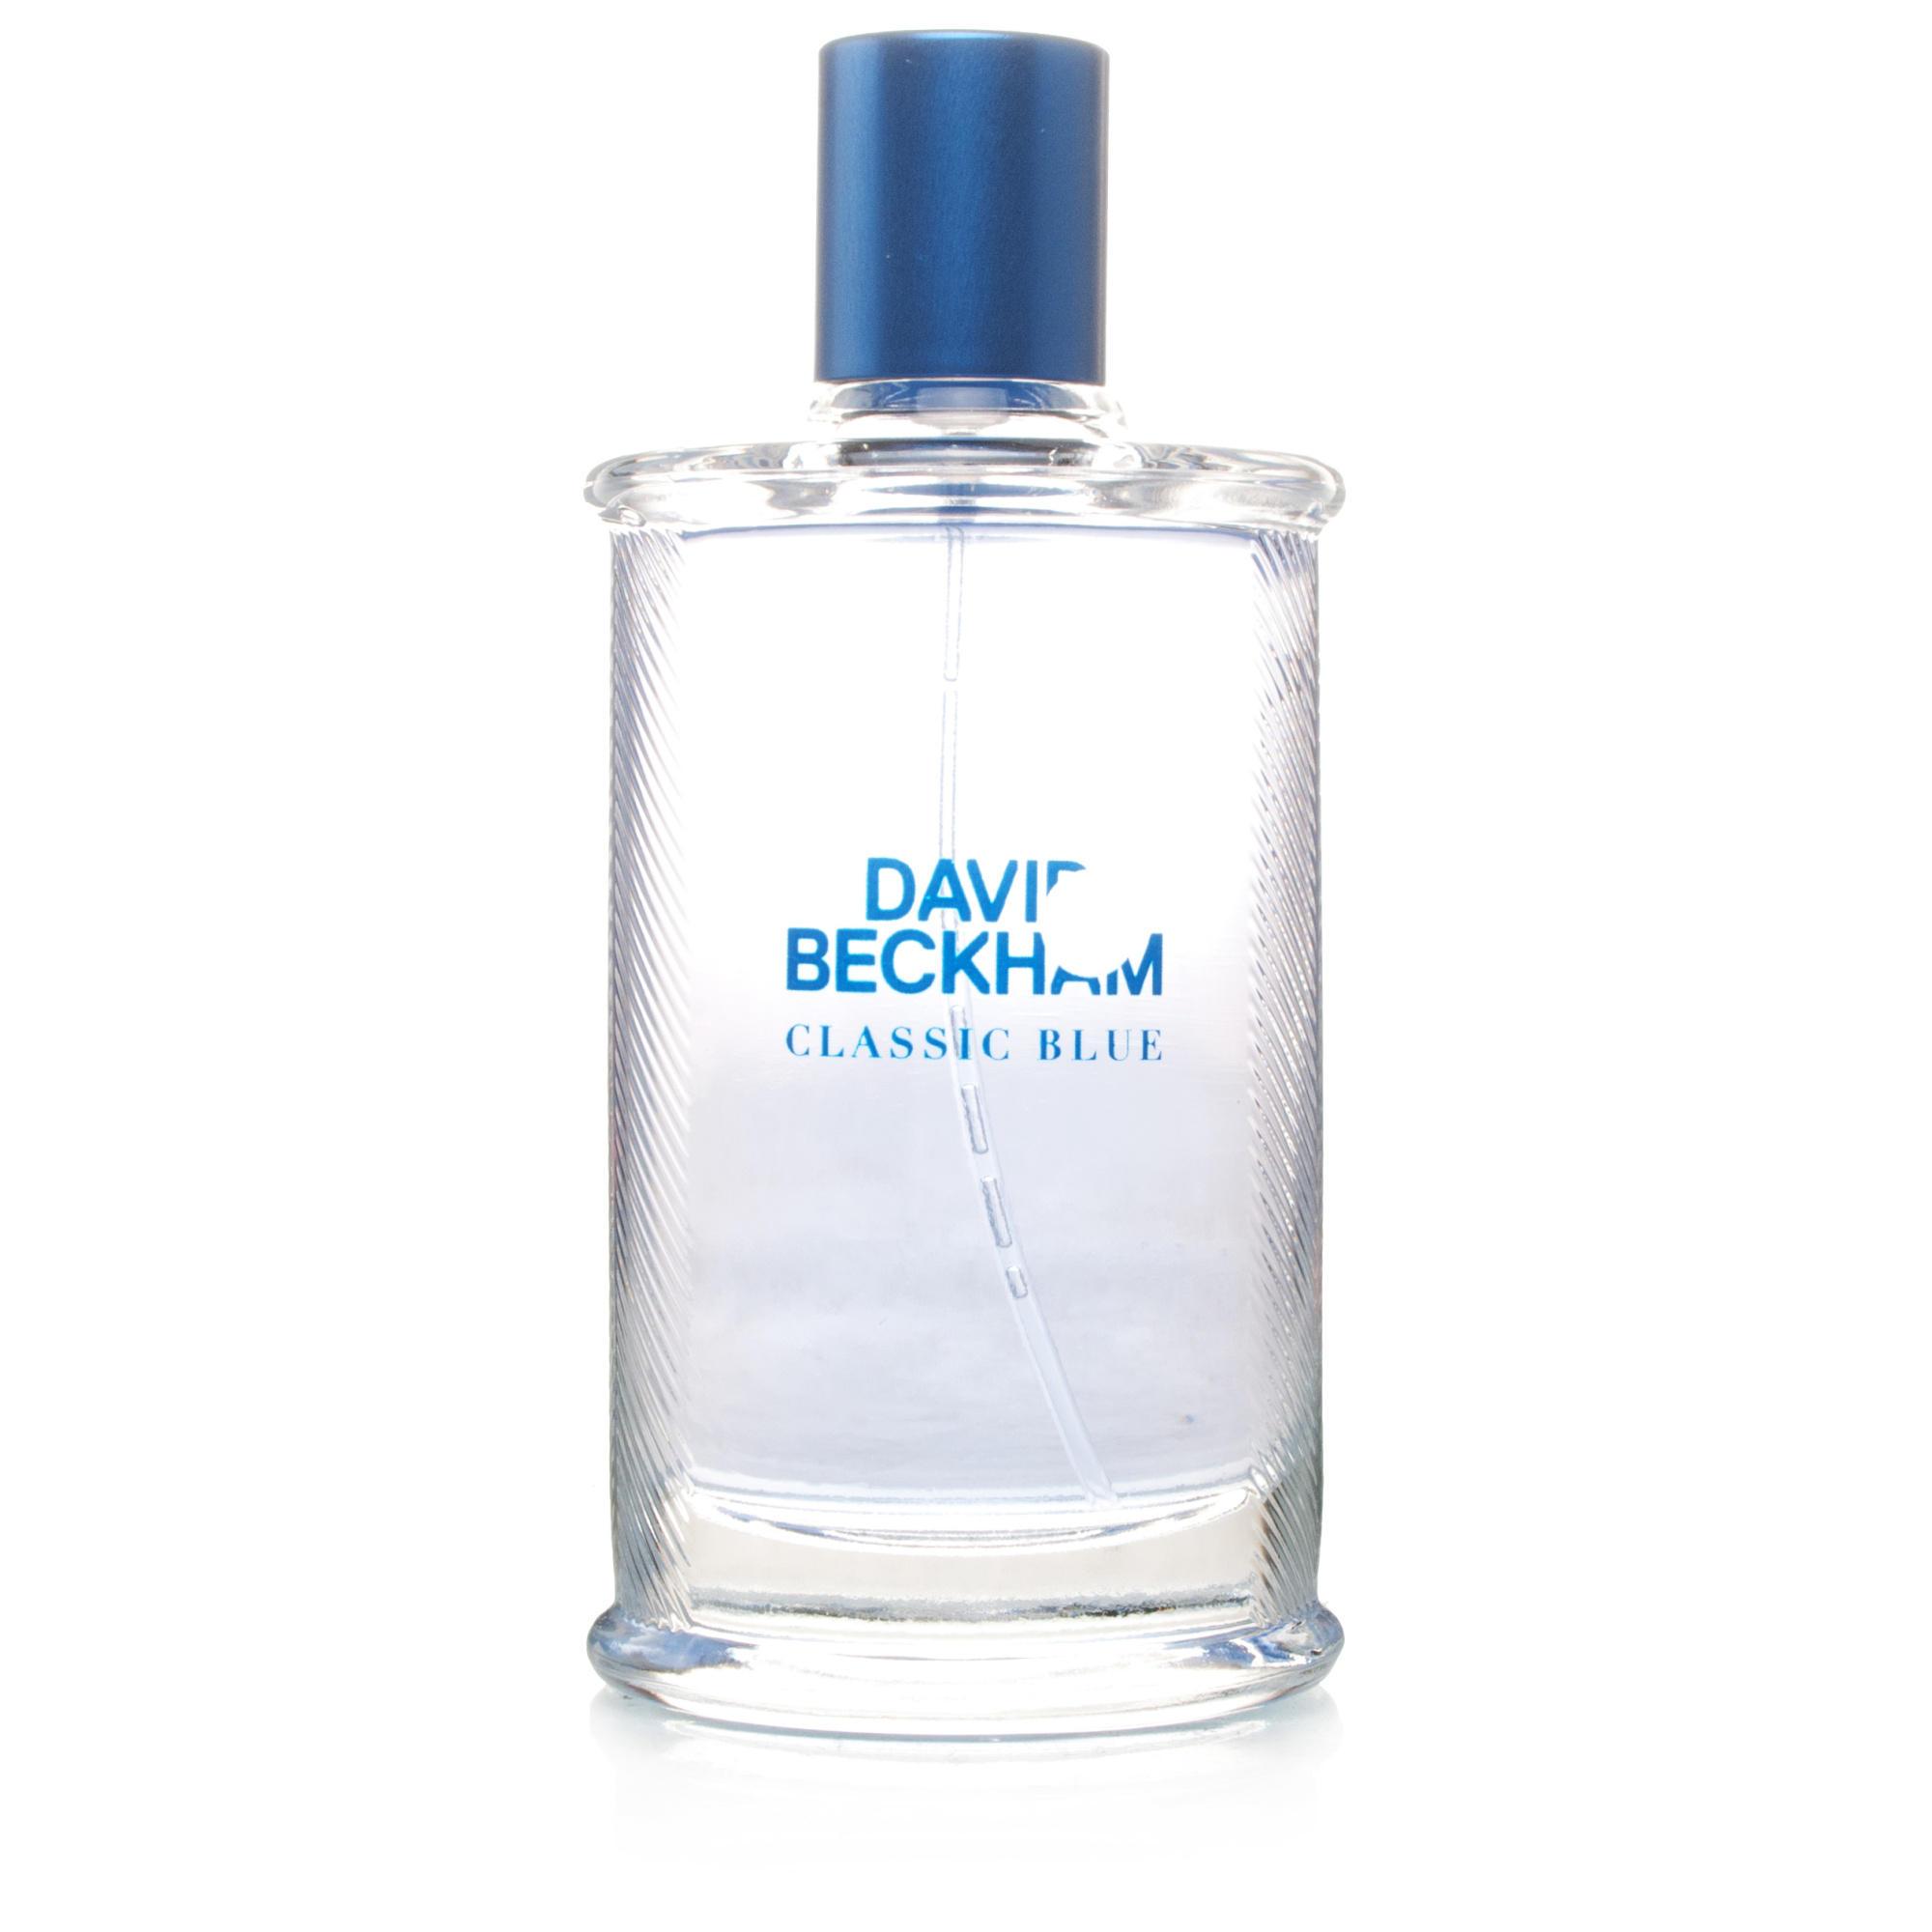 Beckham Classic Blue Eau De Toilette